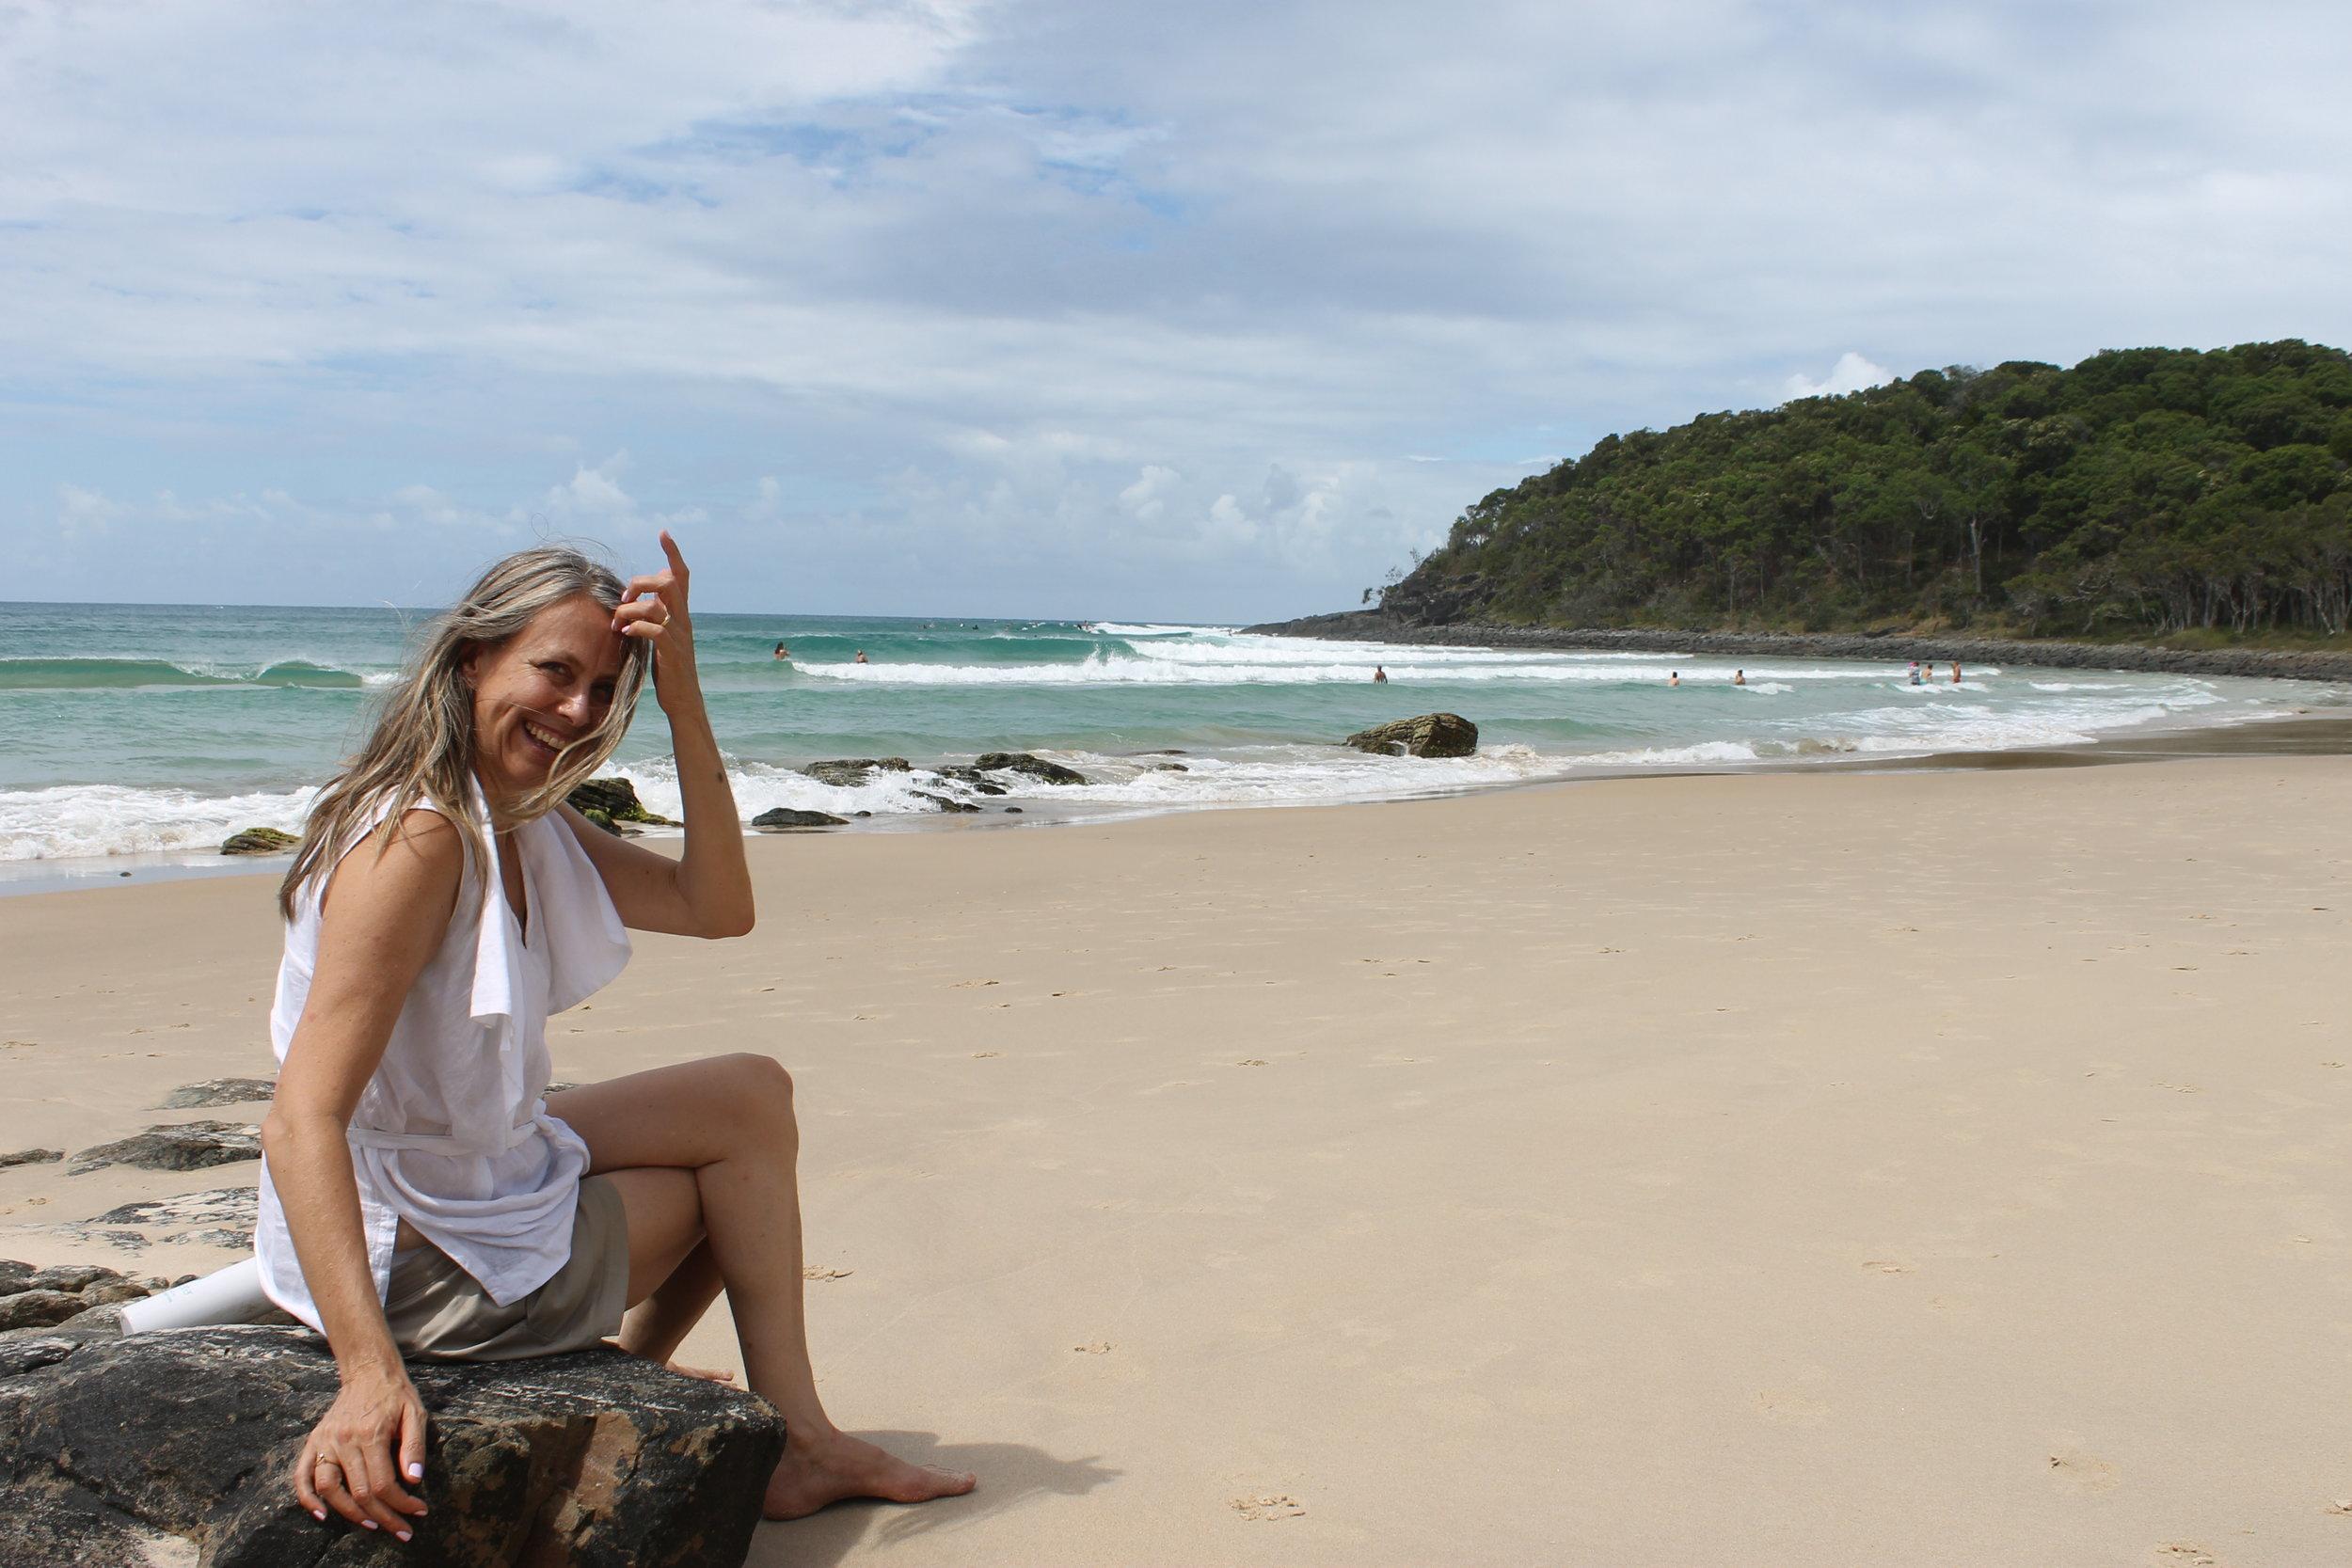 IMG_7743.JPG karen smile on beach with hair in way copy.jpeg